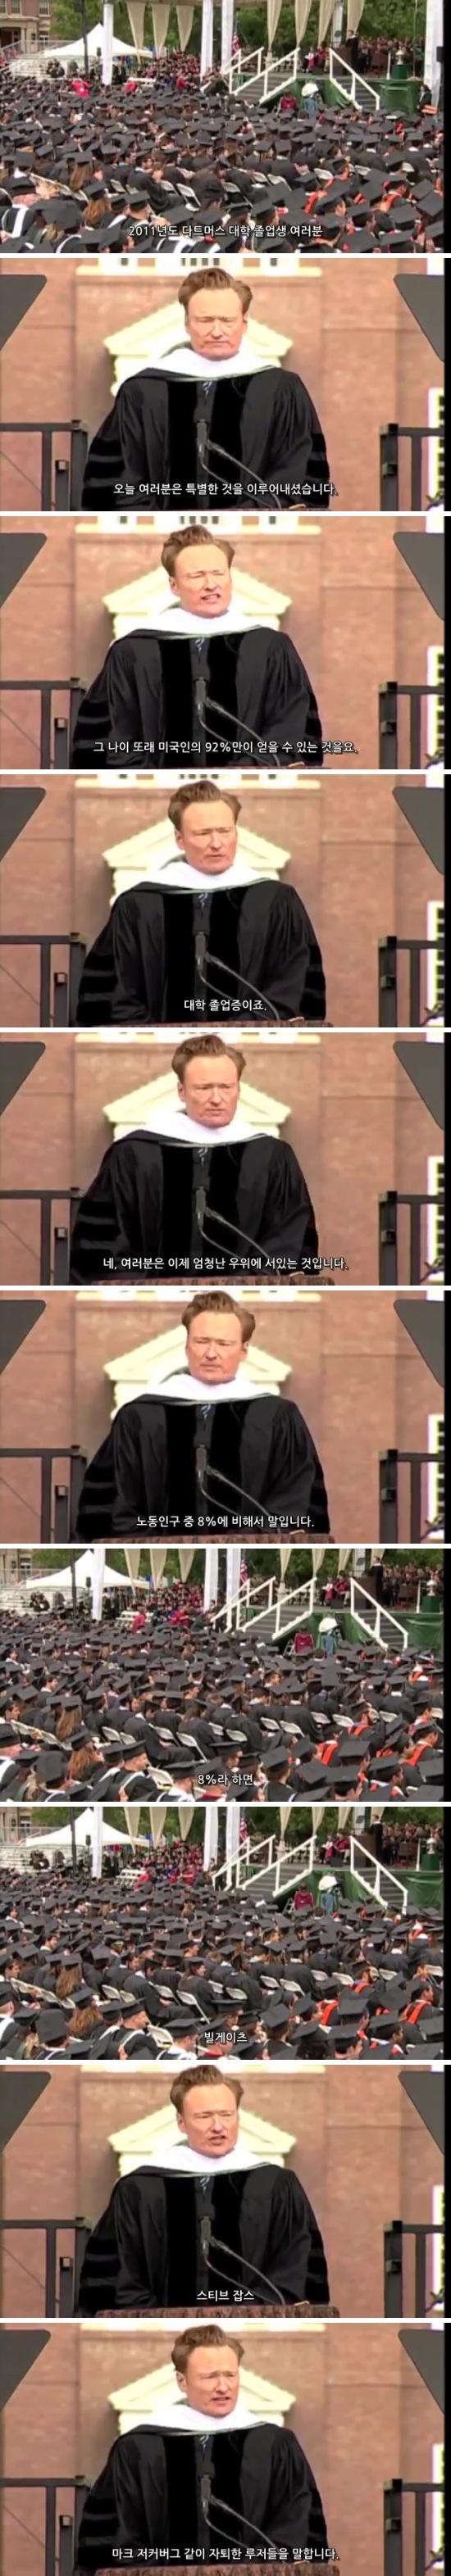 어느 대학교 졸업 축사